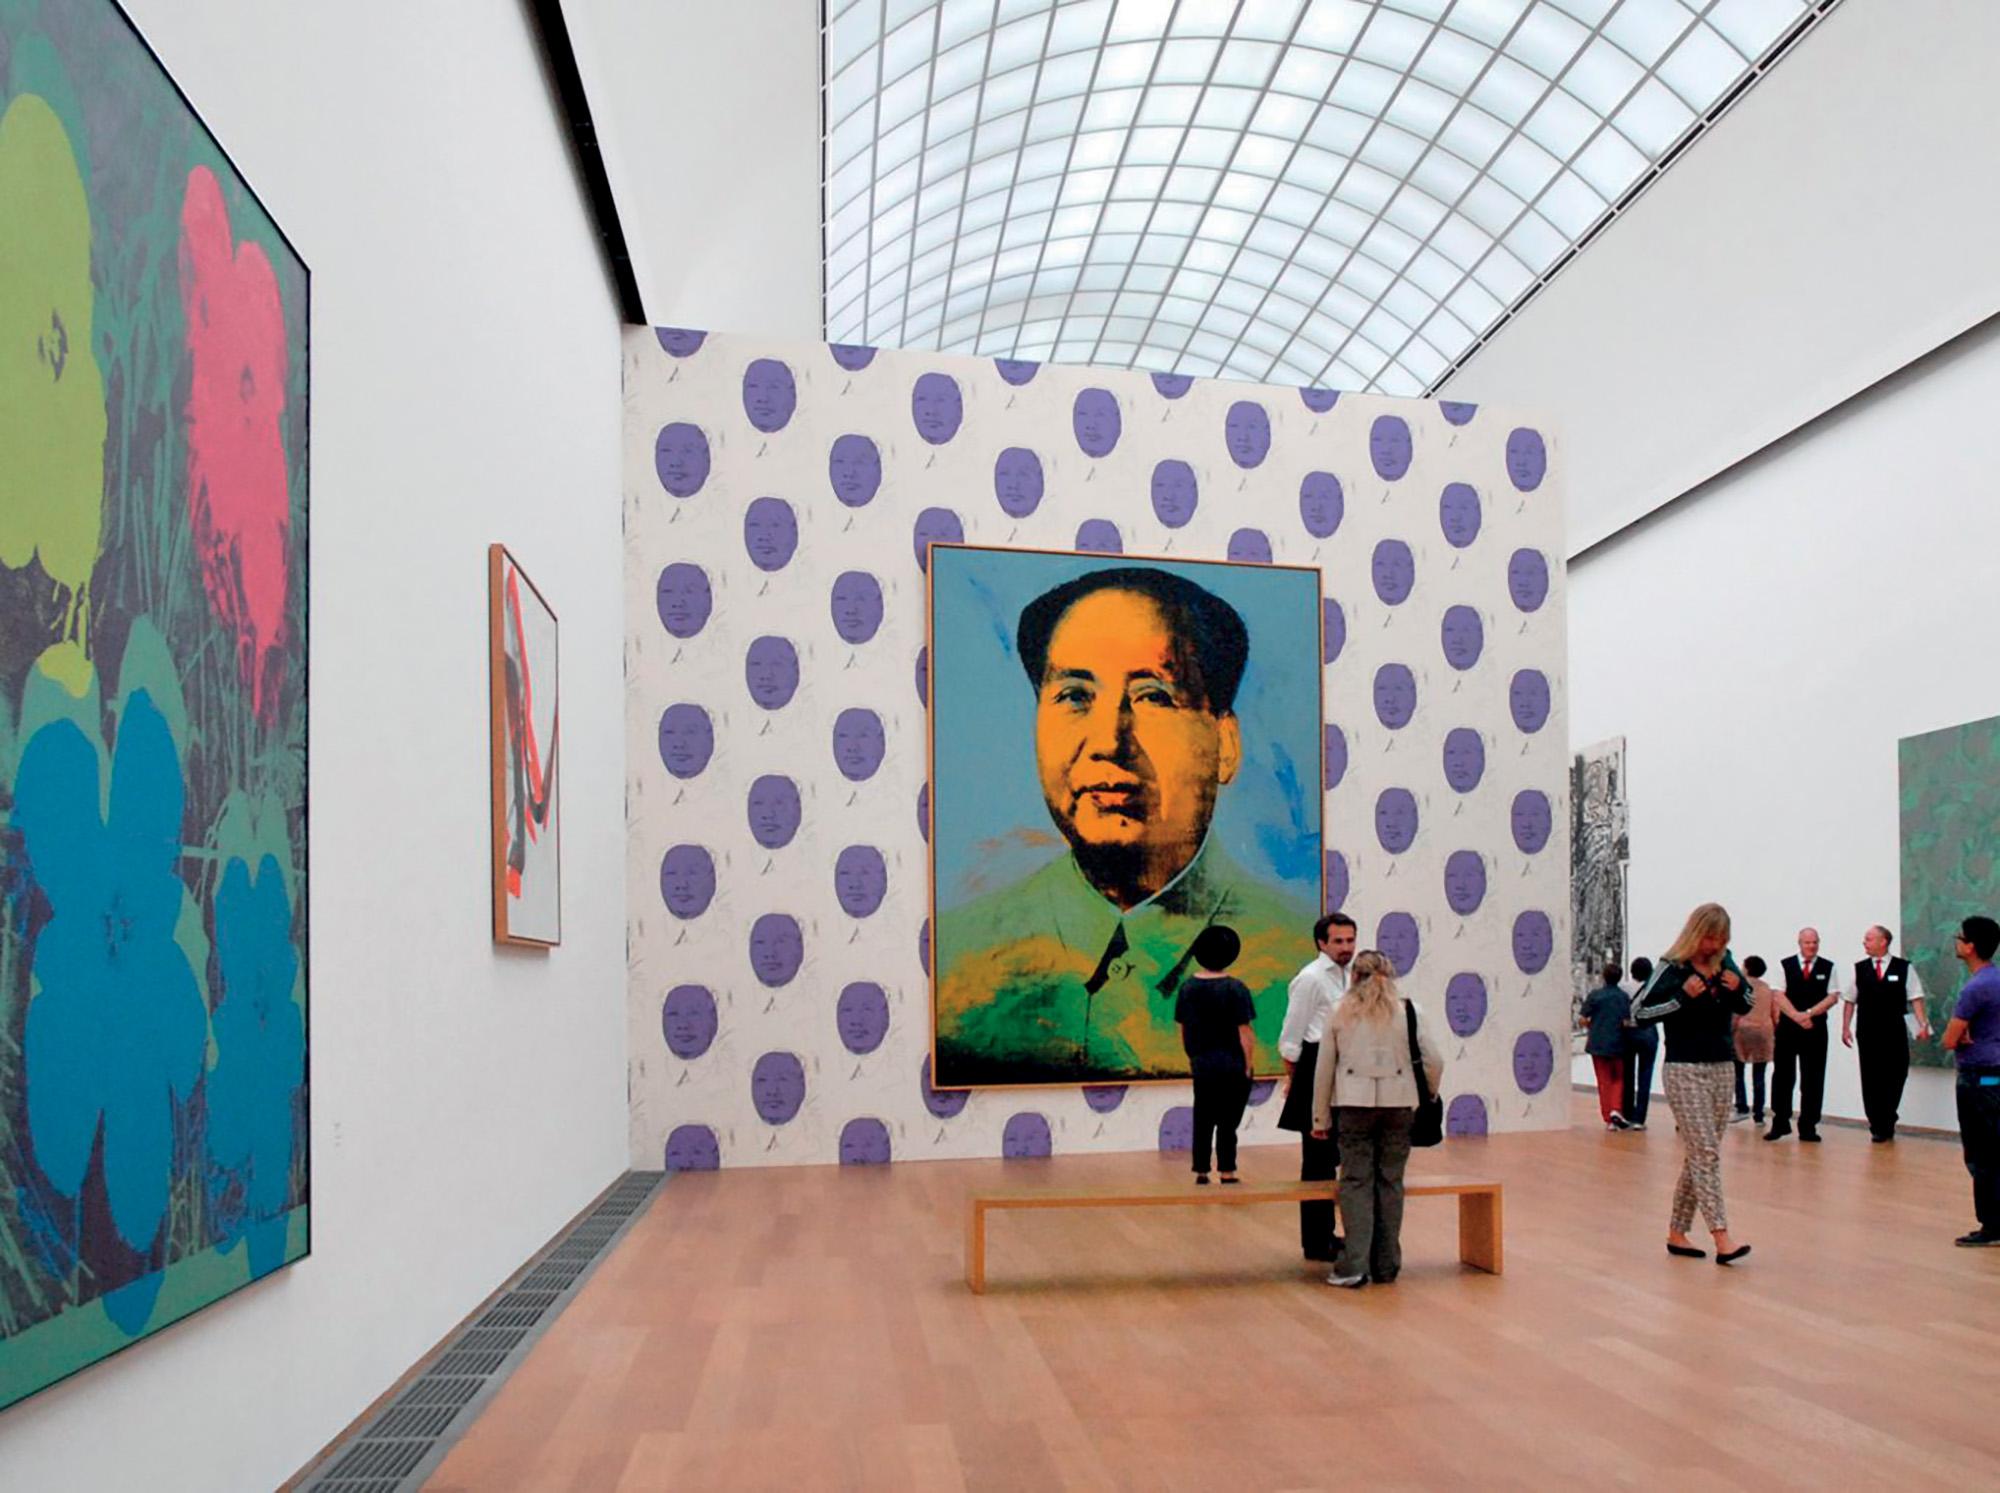 triển lãm tác phẩm của Andy Warhol